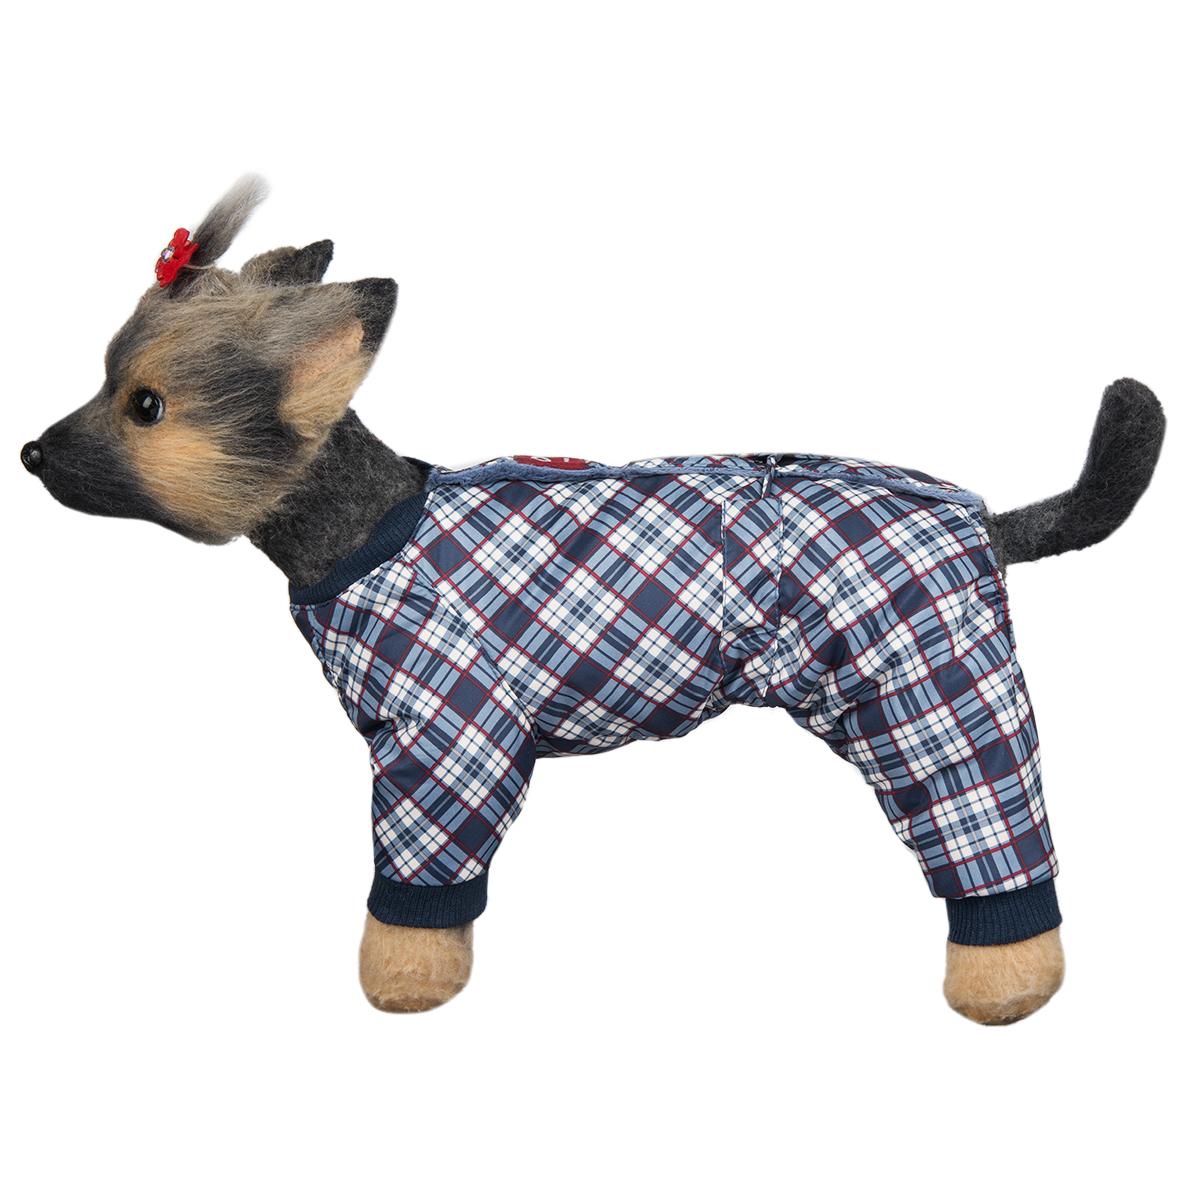 Комбинезон для собак Dogmoda Нью-Йорк, для мальчика. Размер 3 (L)DM-160293-3Комбинезон для собак Dogmoda «НЬЮ-ЙОРК» (мальчик) – зимнее изделие для собак мужского пола, произведённое из ПЭ водоотталкивающего типа. Материал изготовления обеспечивает надёжную защиту от холодной зимней непогоды. В этой одёжке вашему питомцу будут нестрашны даже сильные морозы, и ему не придётся изо дня в день томиться дома. Проектирование одежды под известным торговым брендом Dogmoda осуществляется по последнему слову моды и технологии пошива для собак. Стильный и недорогой, практичный комбинезон быстро станет привычным для его владельца. Искусственный мех, обеспечивающий непрерывный воздухообмен, создаст ощущение не только тепла, но и комфорта во время ношения. Благодаря специальному шнурку и вшитым изнутри резинкам комбинезон будет плотно облегать туловище собаки, предотвращать проникновение холода и усиливать ощущение тепла. Качественная одежда позволит сохранить кожу маленькой собачки нежной, а шерсть – ухоженной.